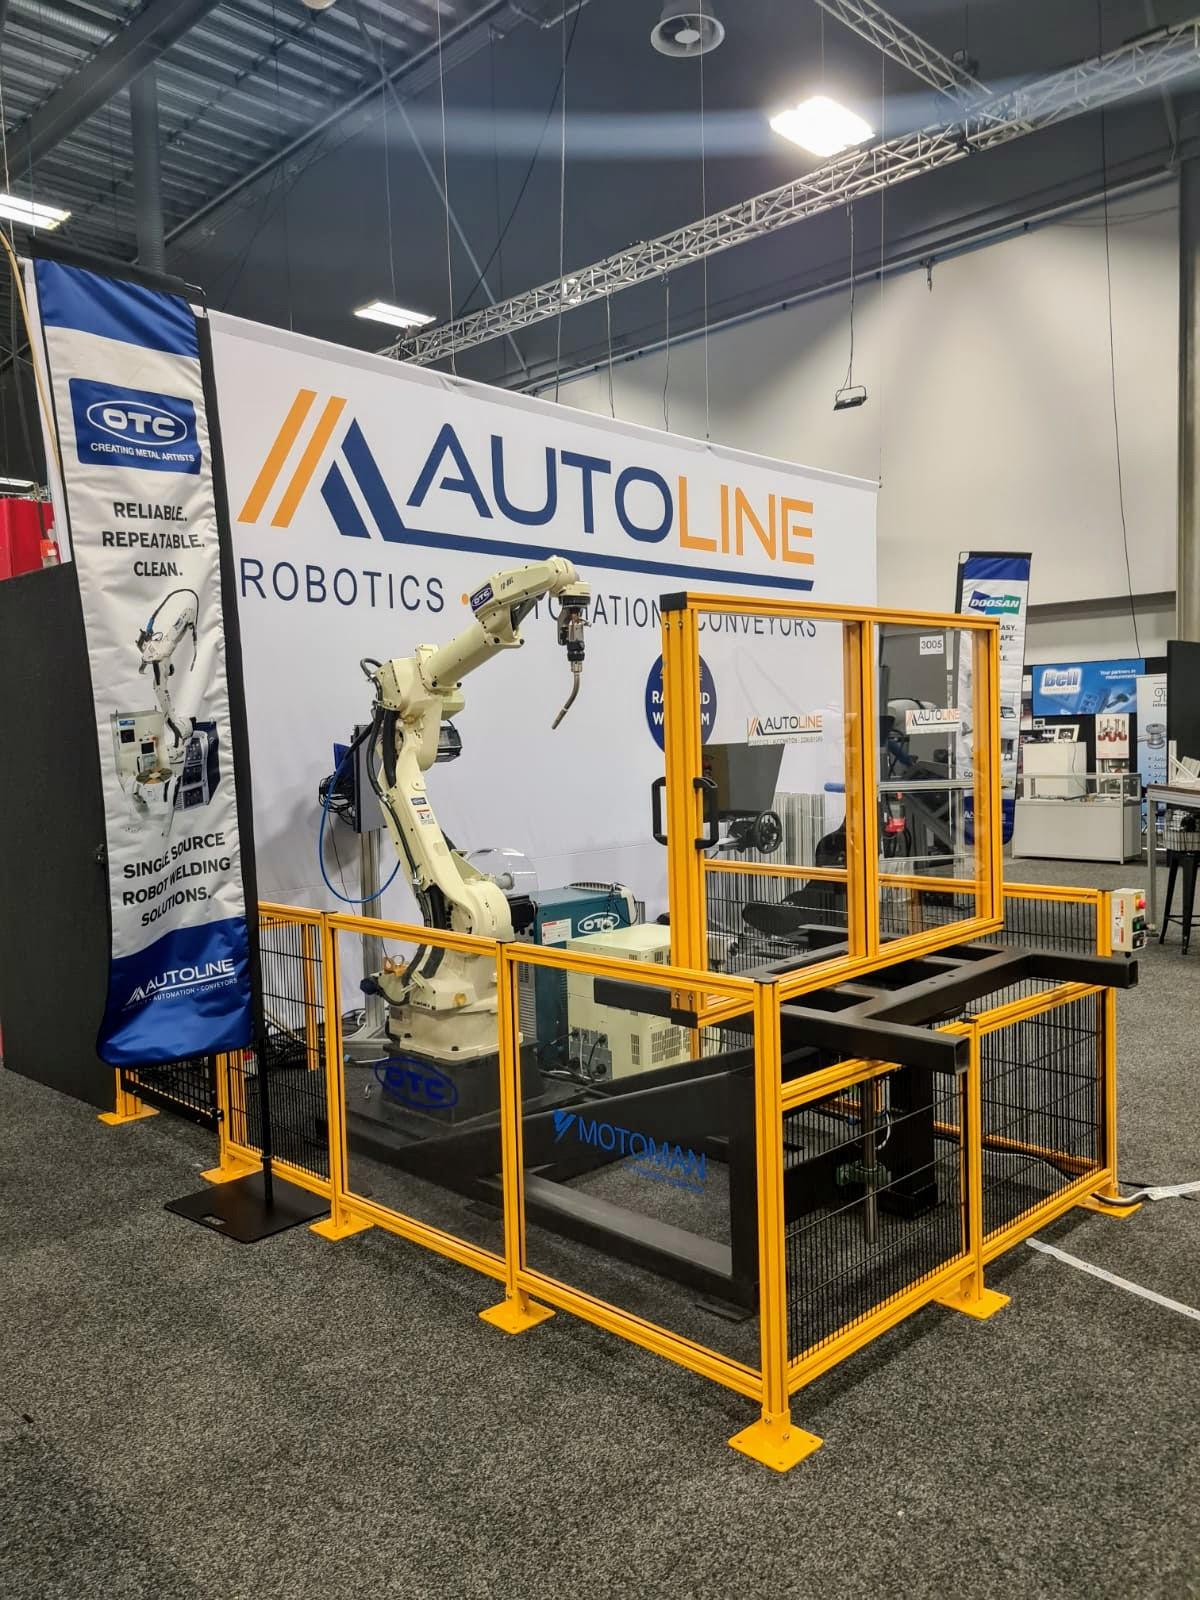 Autoline OTC Robot